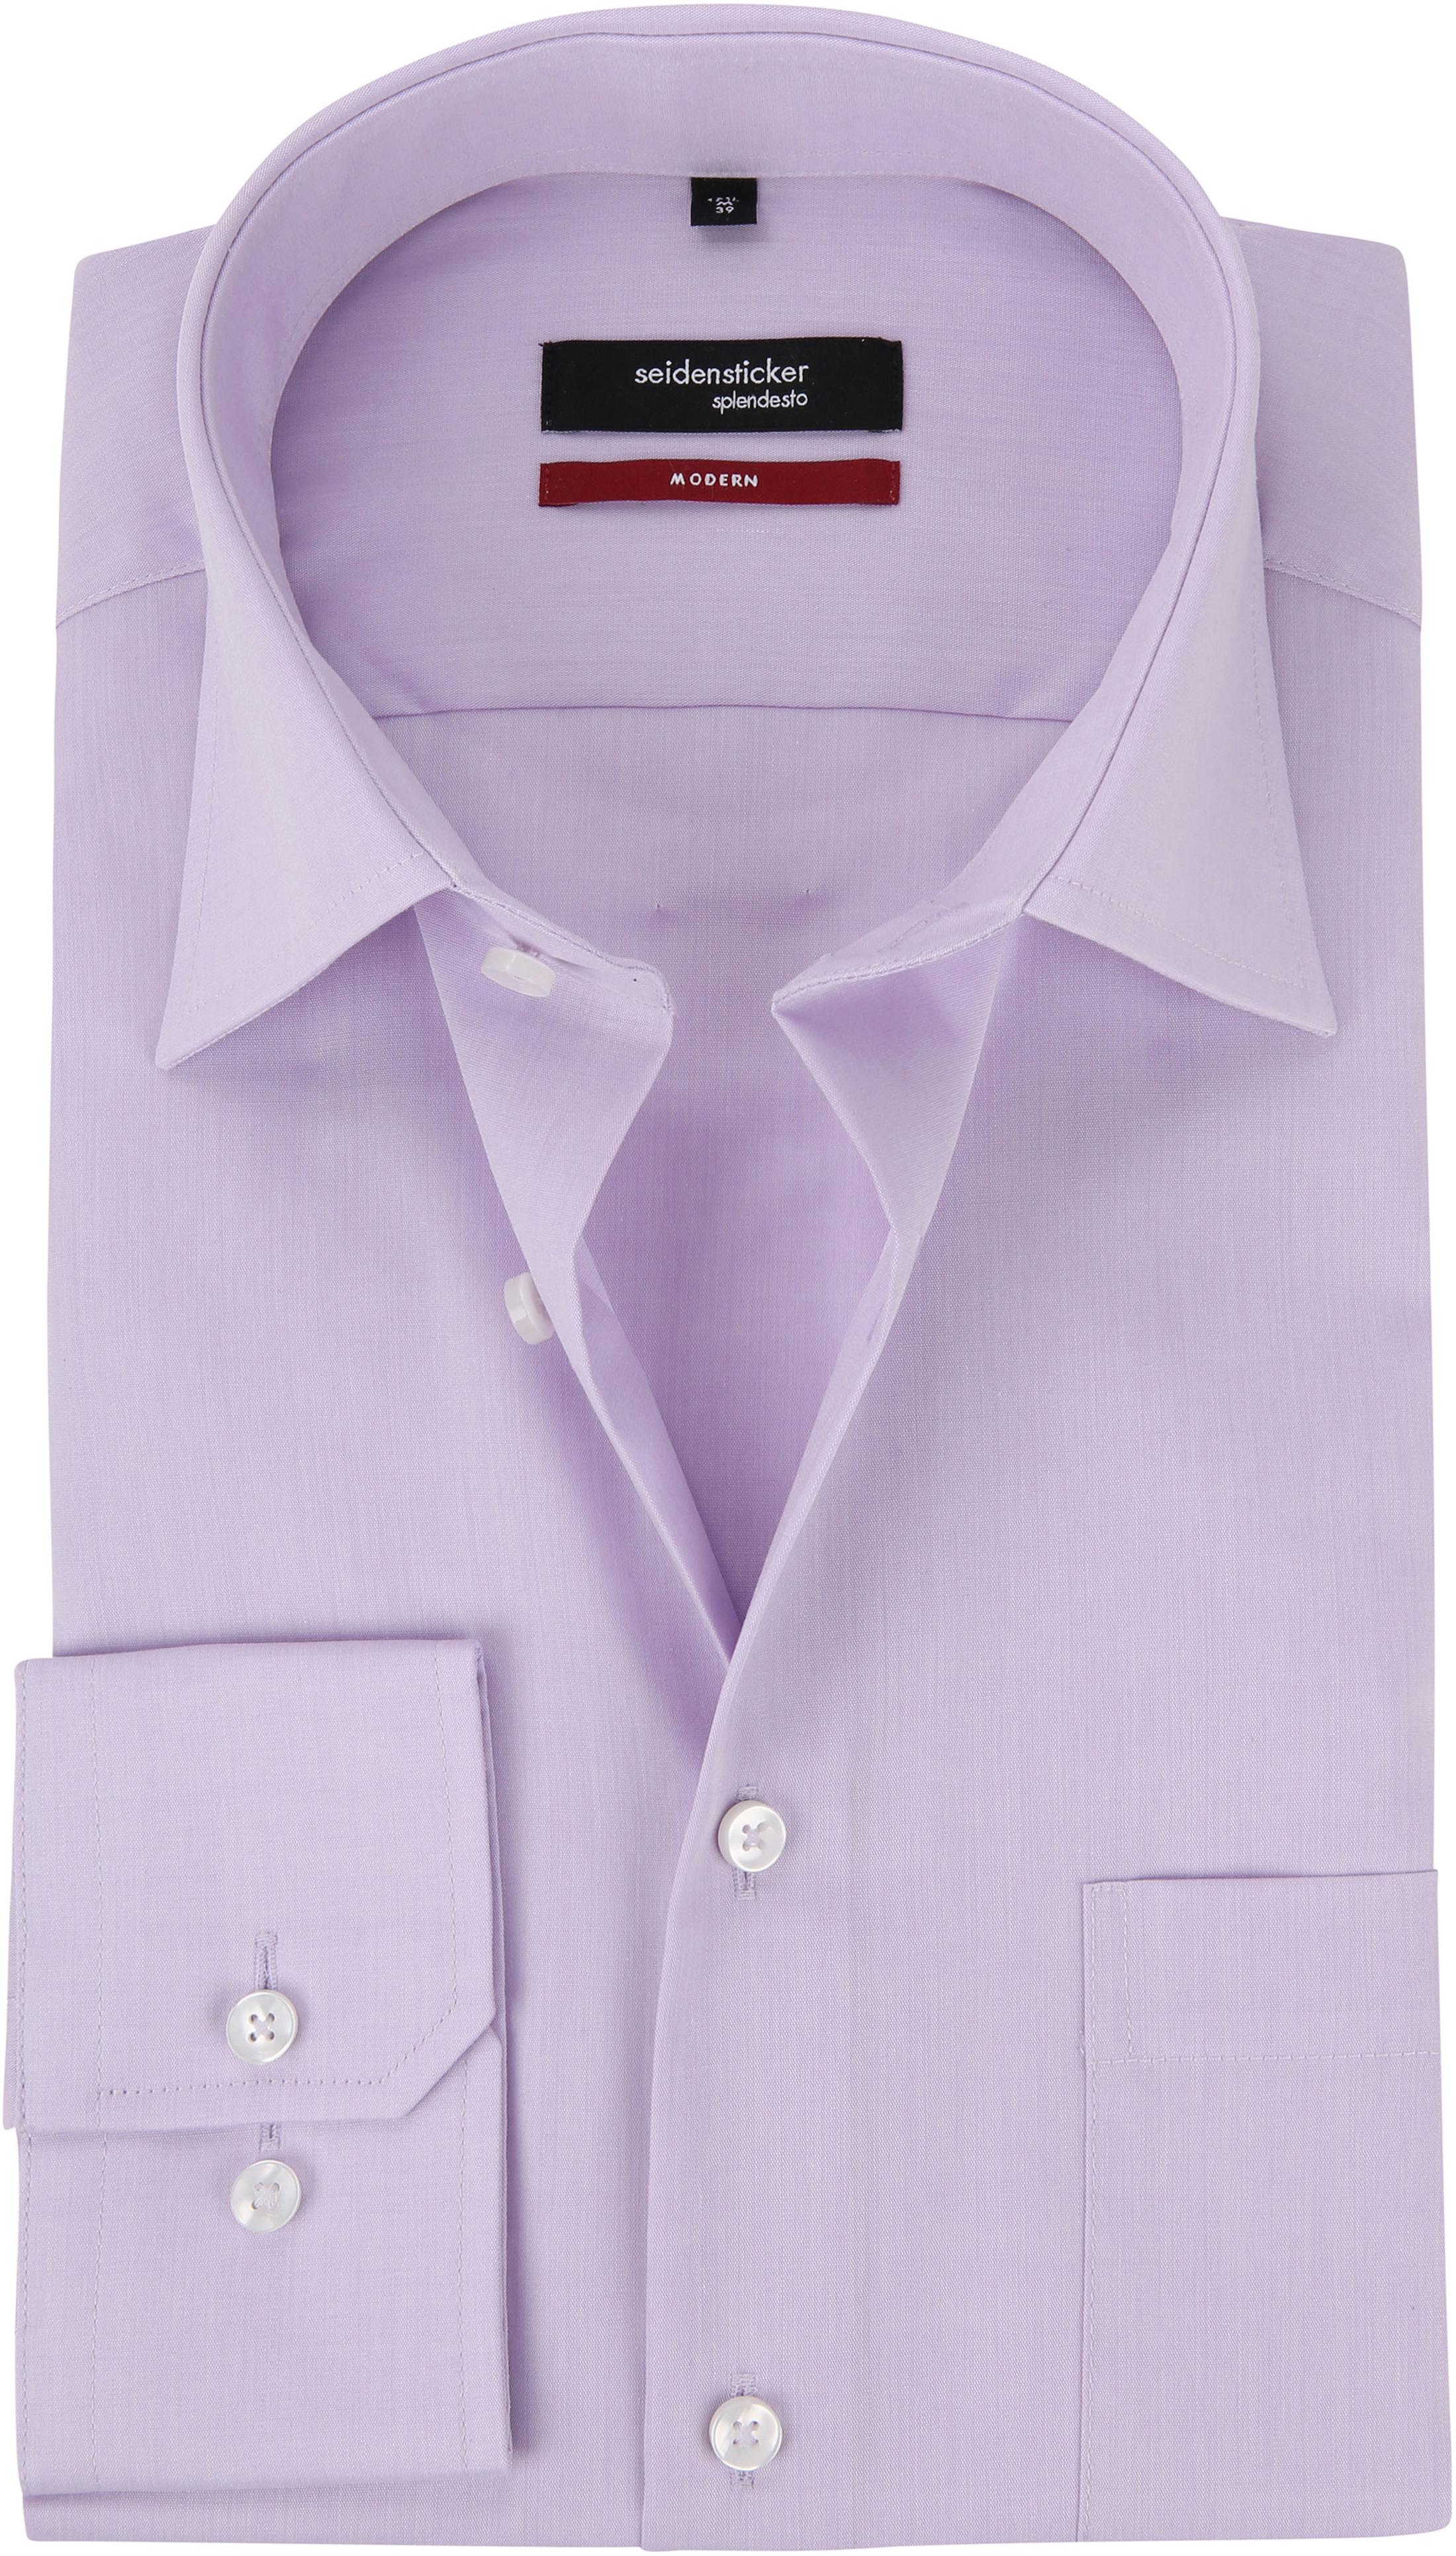 Seidensticker Shirt Lila